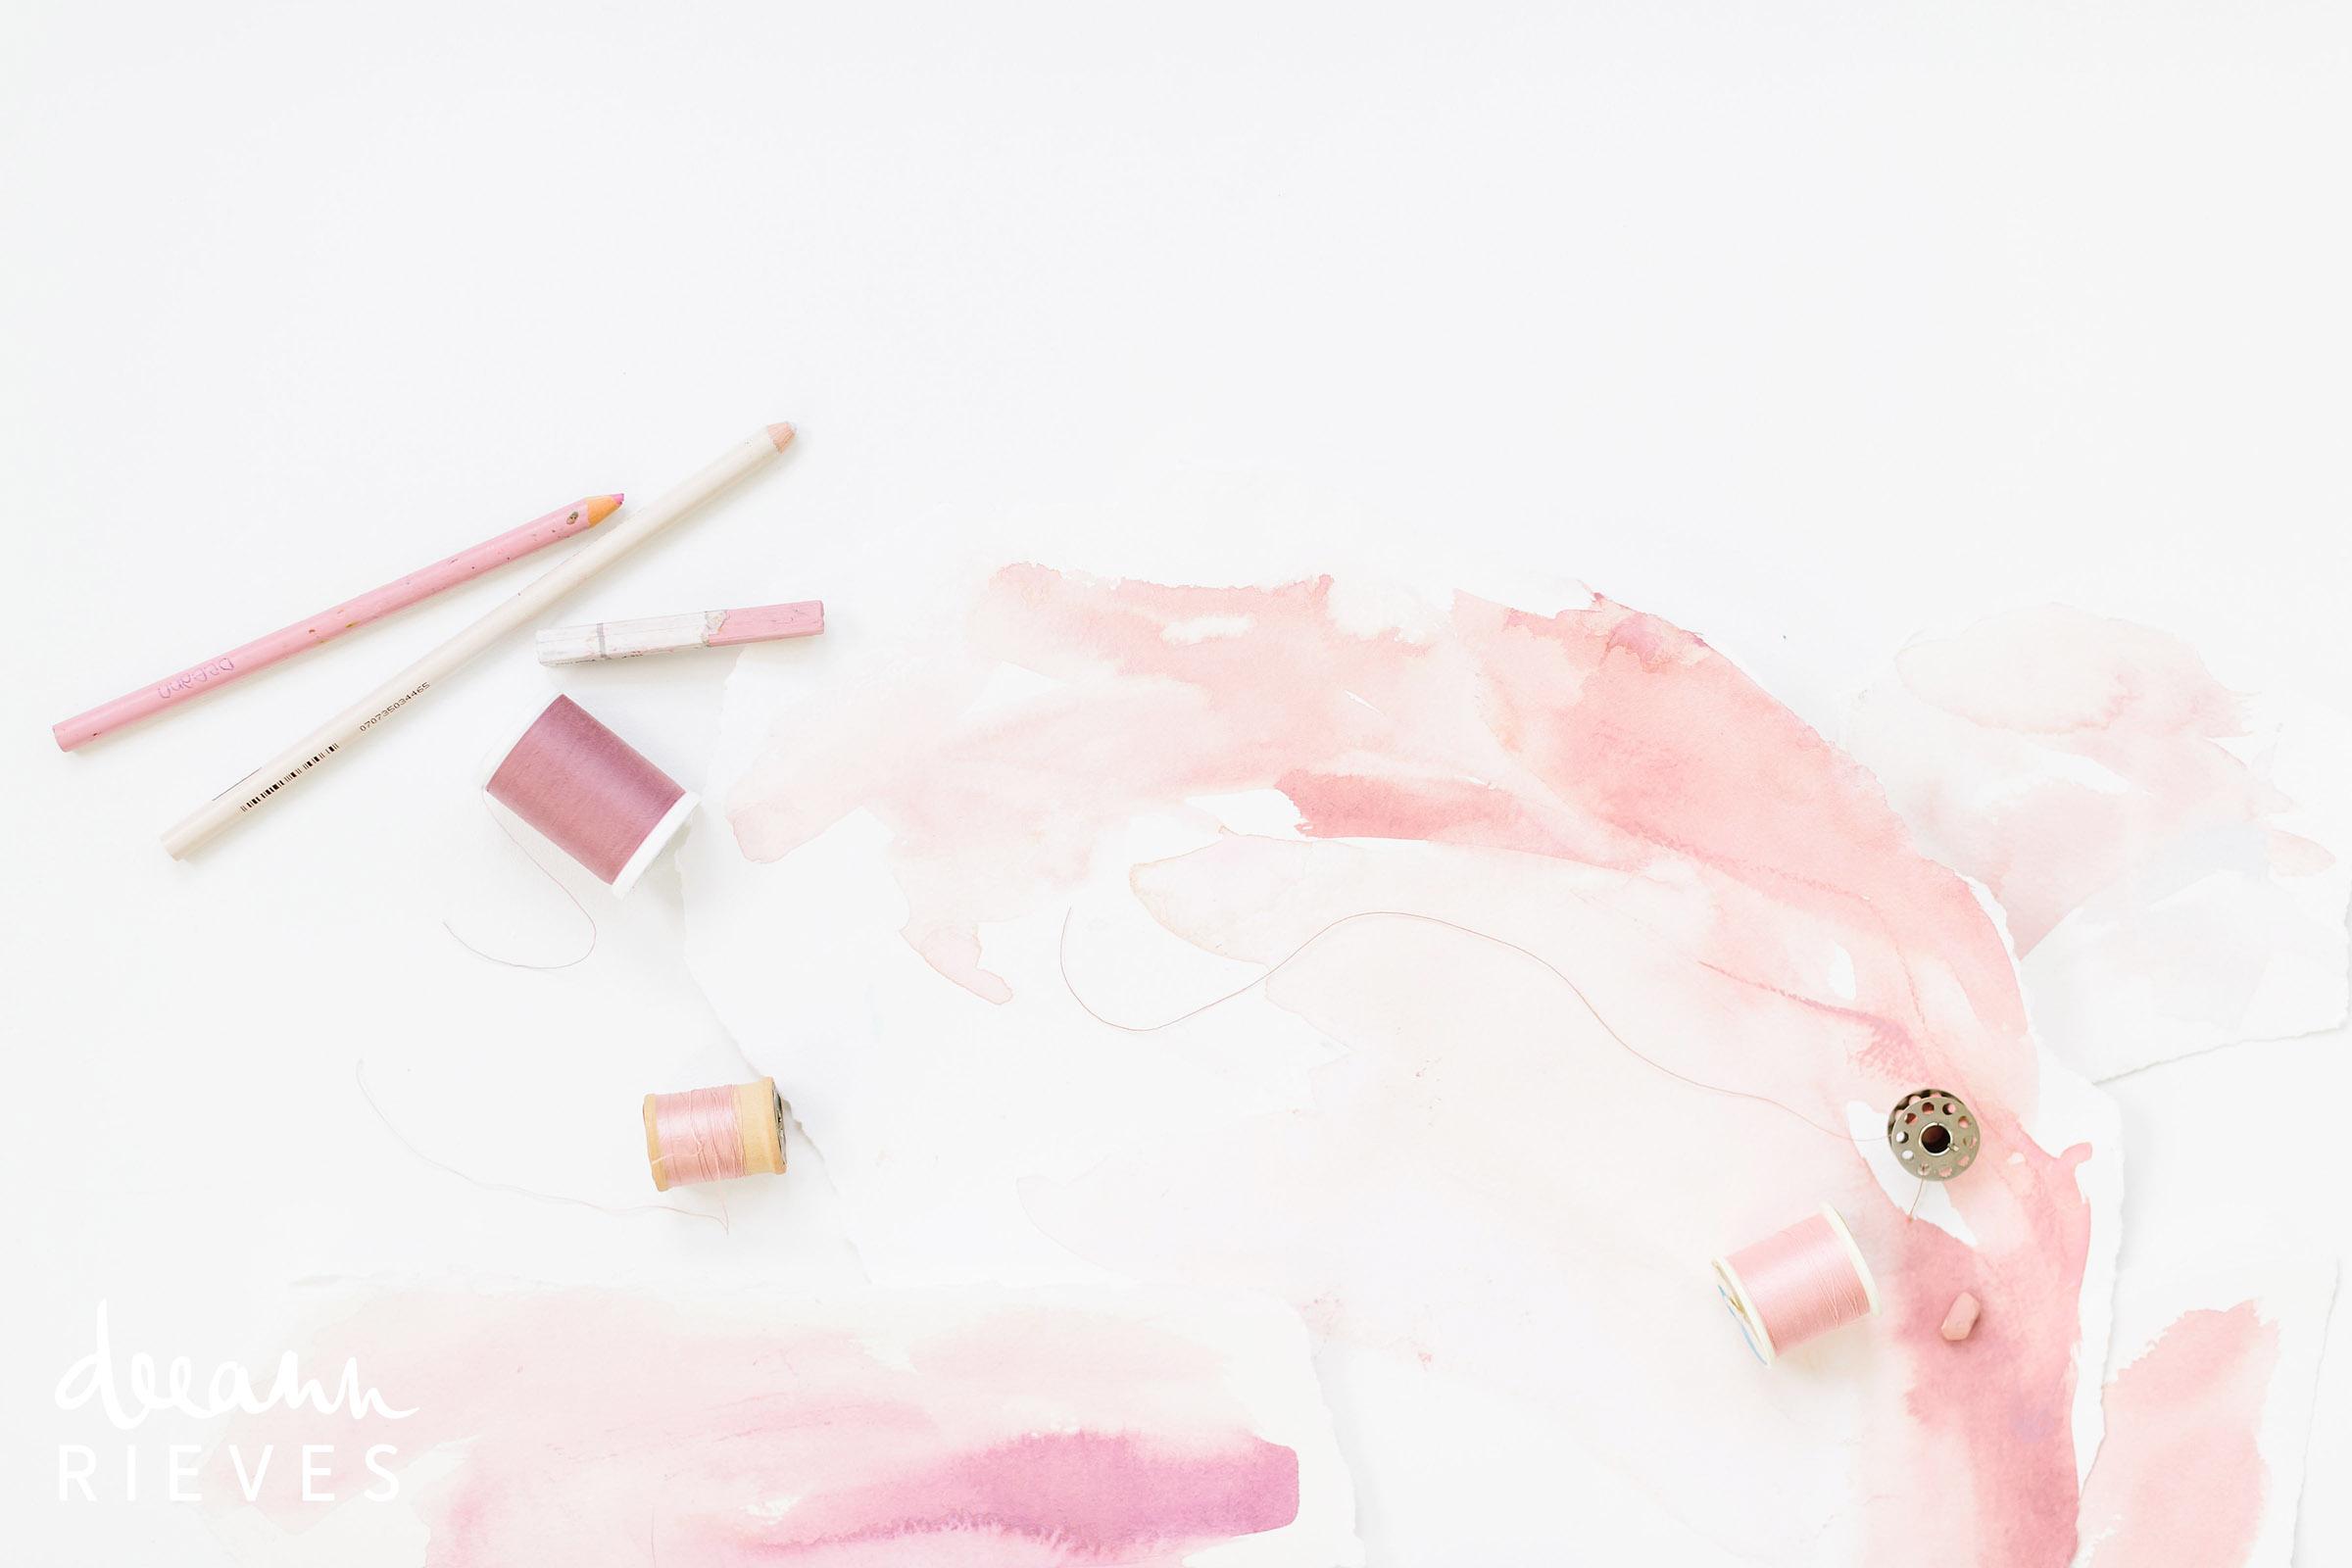 deeann-rieves-art-table-blush-supplies.jpg